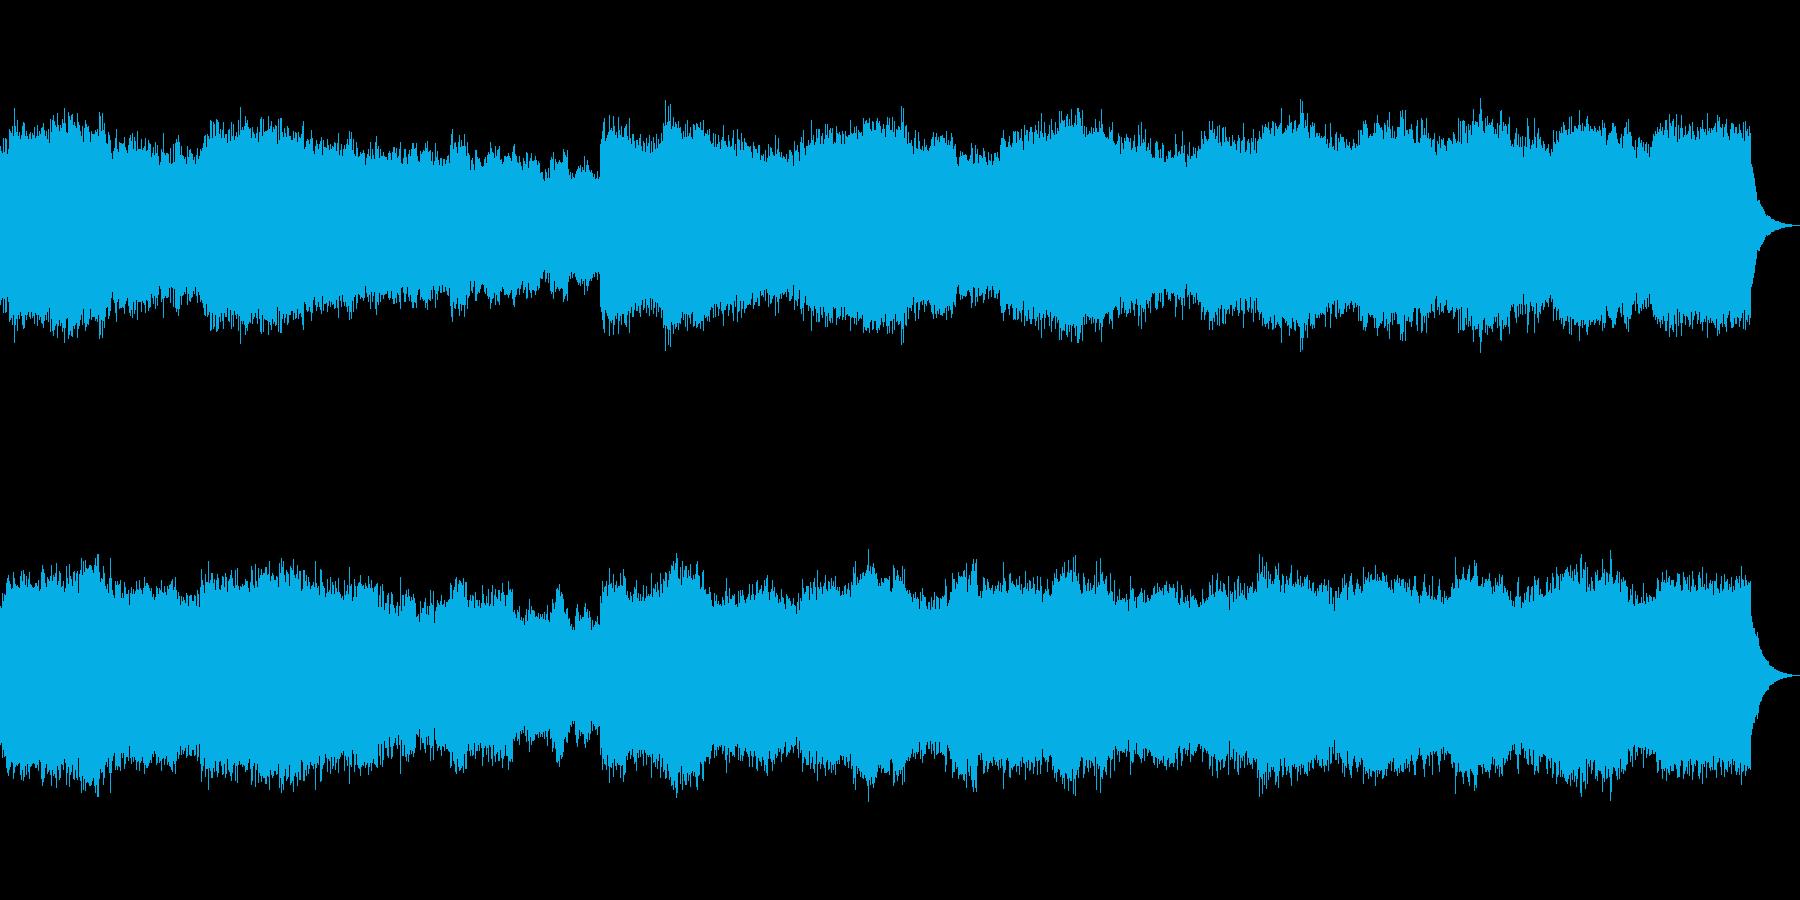 オルガン教会音楽の再生済みの波形